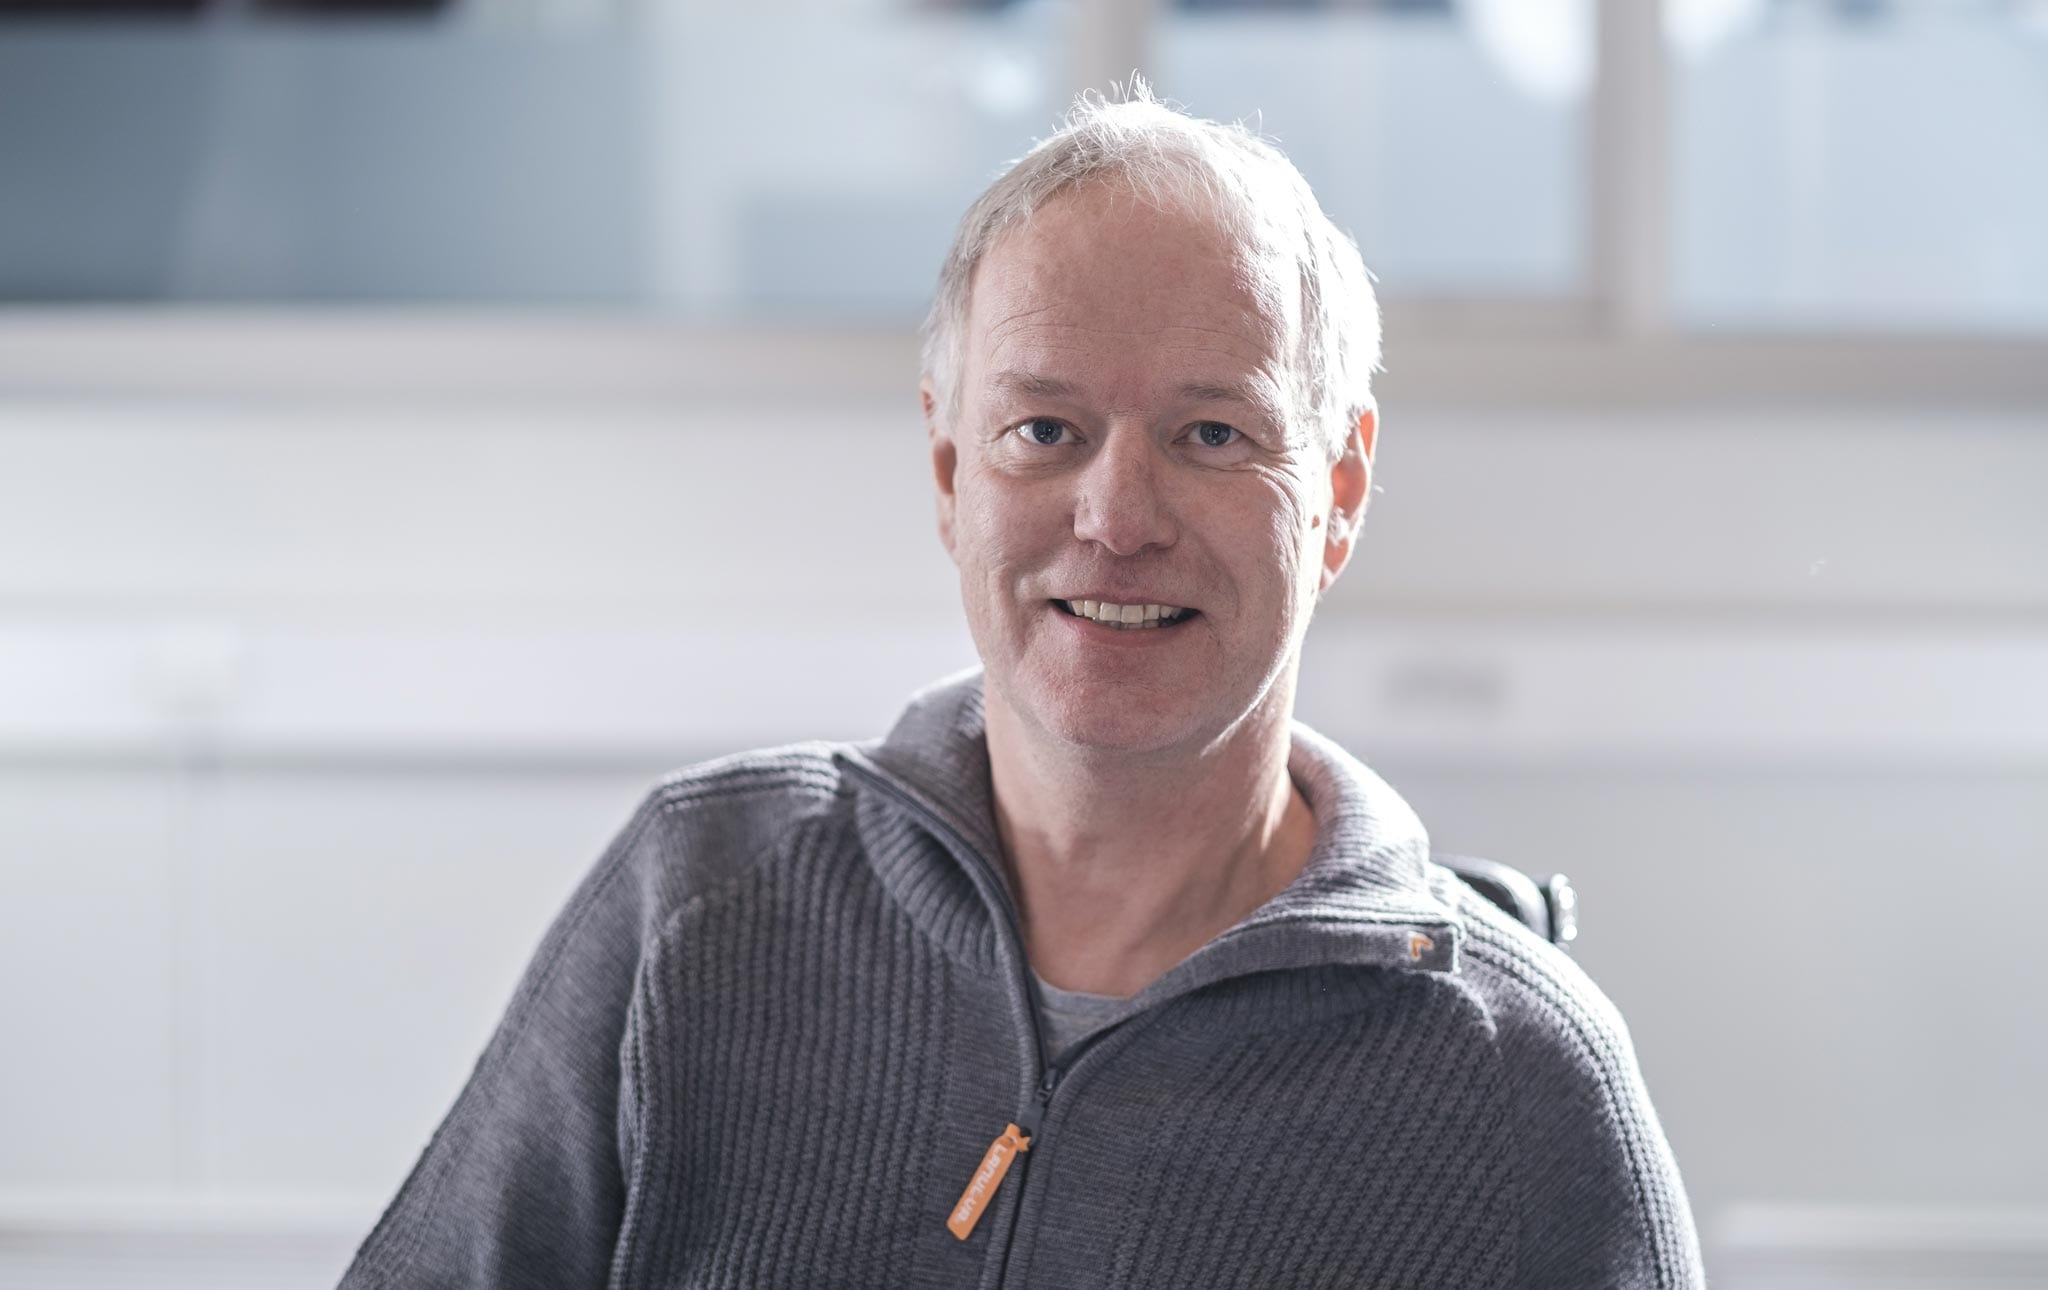 Olav Vehusheia